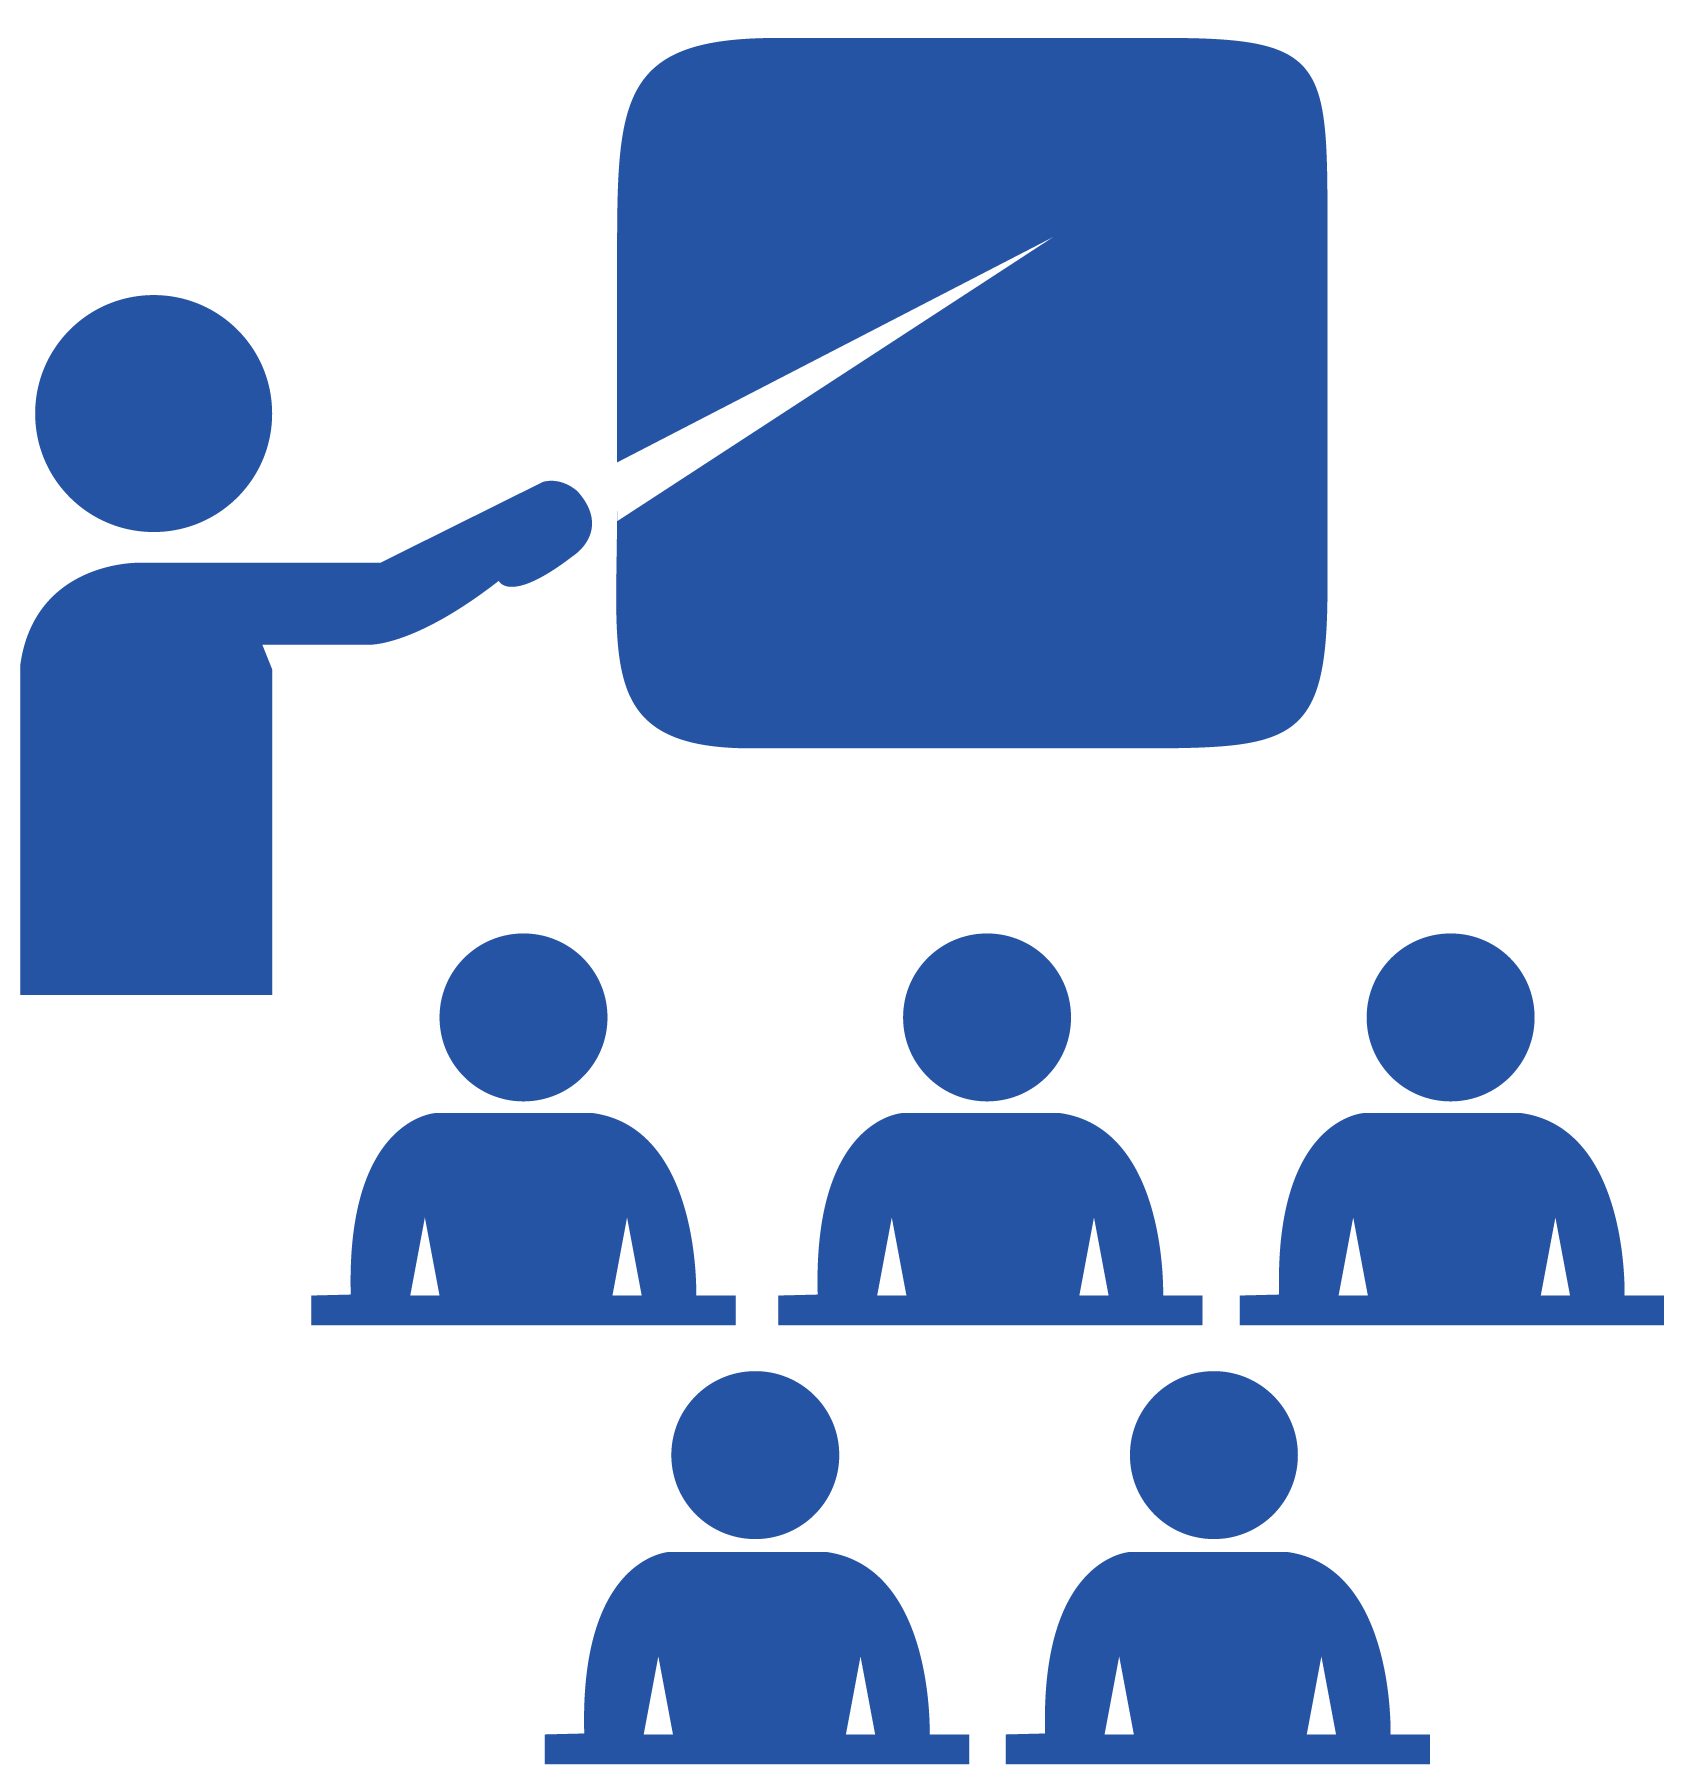 Workshop Framework Icon - Google Icons Online Marketing Training